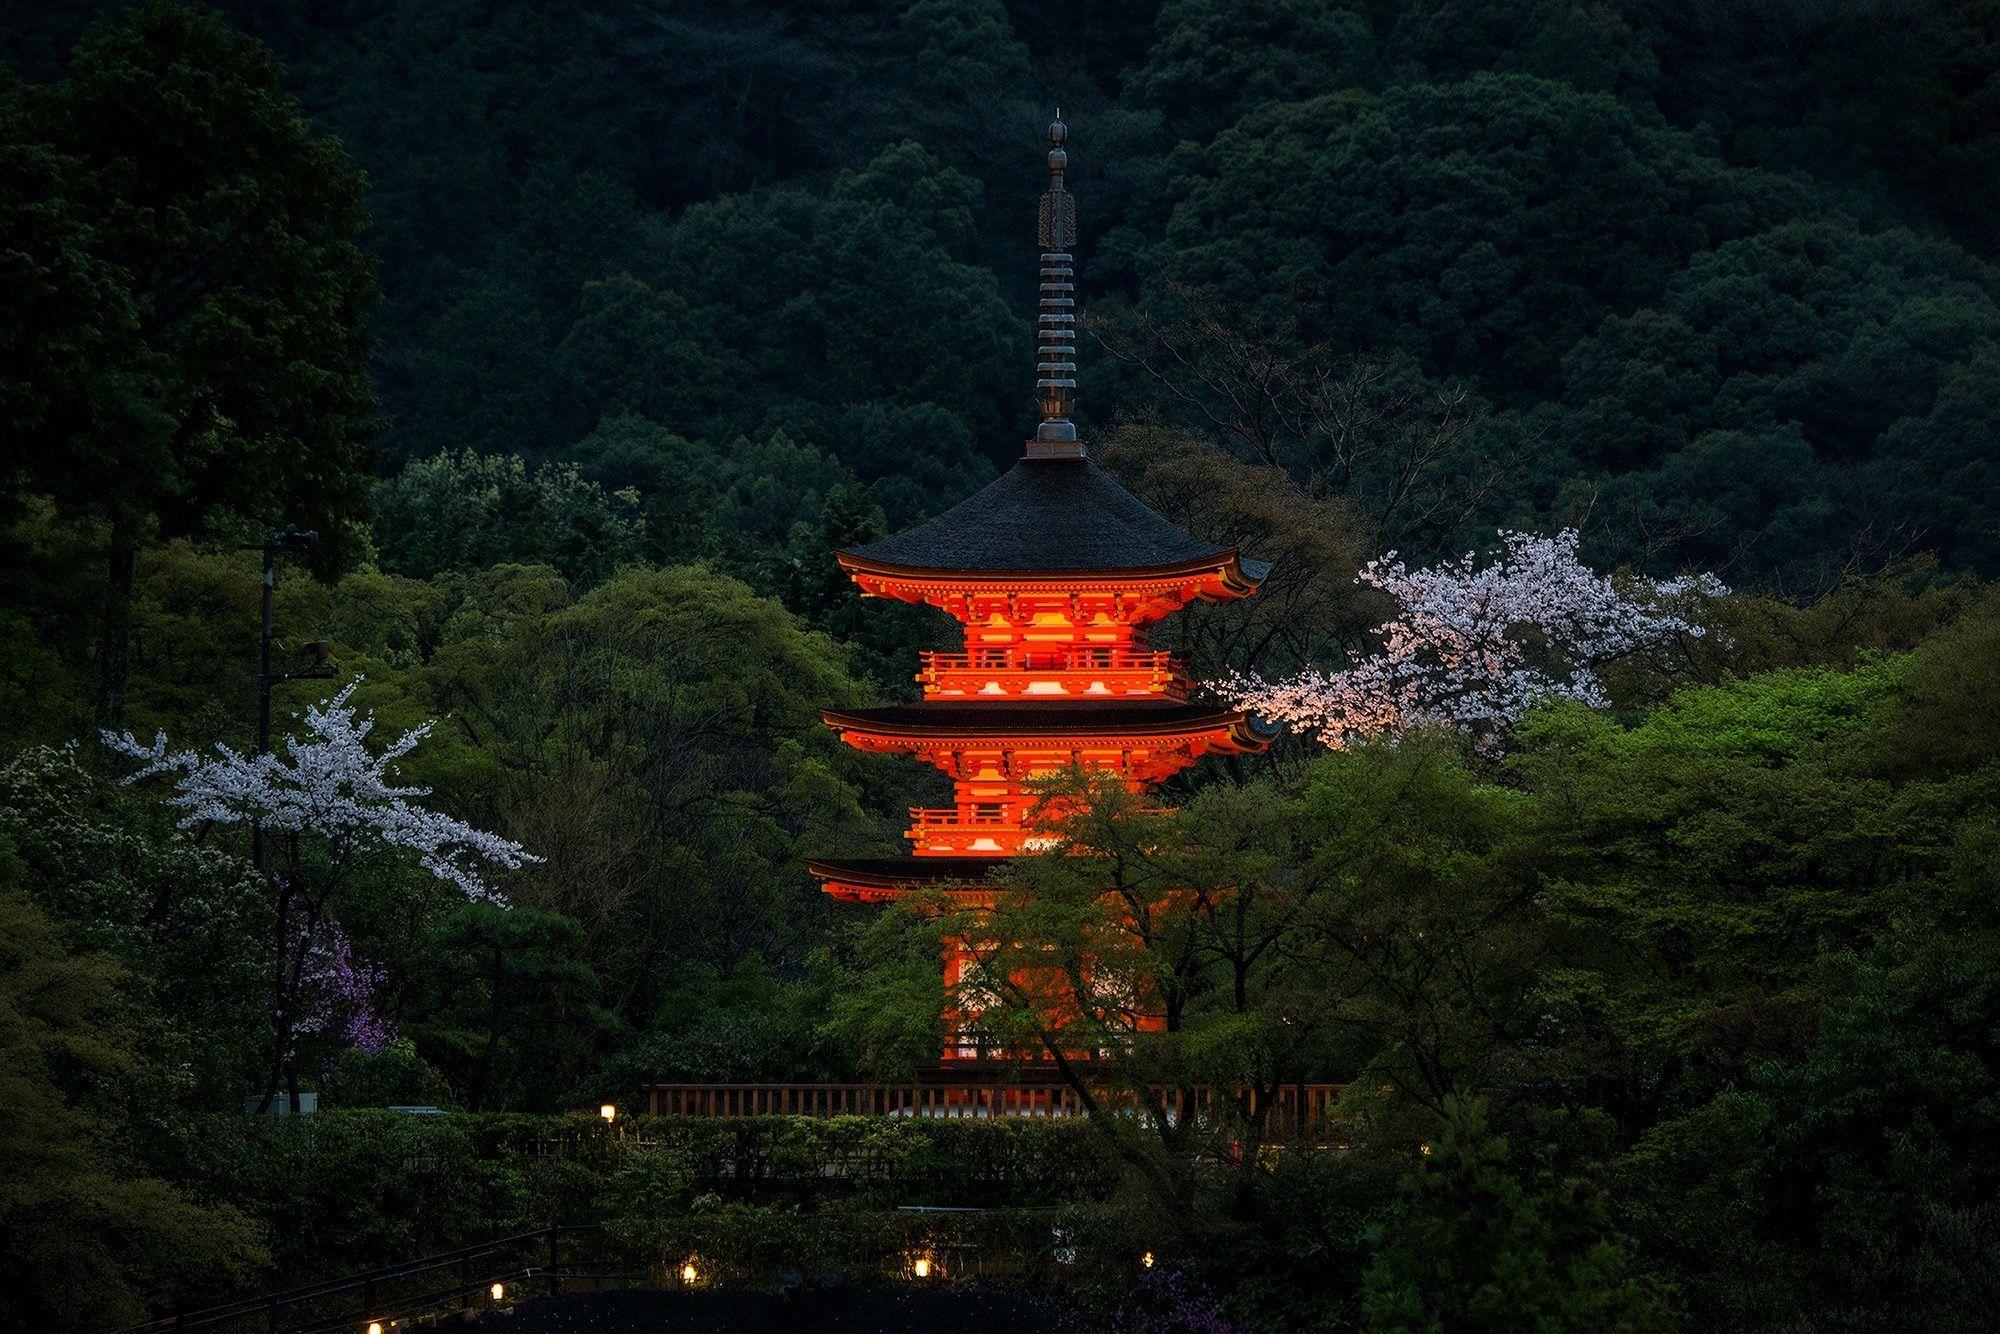 Pin By Thomas Nyhan On Nippon Meditation Garden Eiffel Tower Yoga Meditation